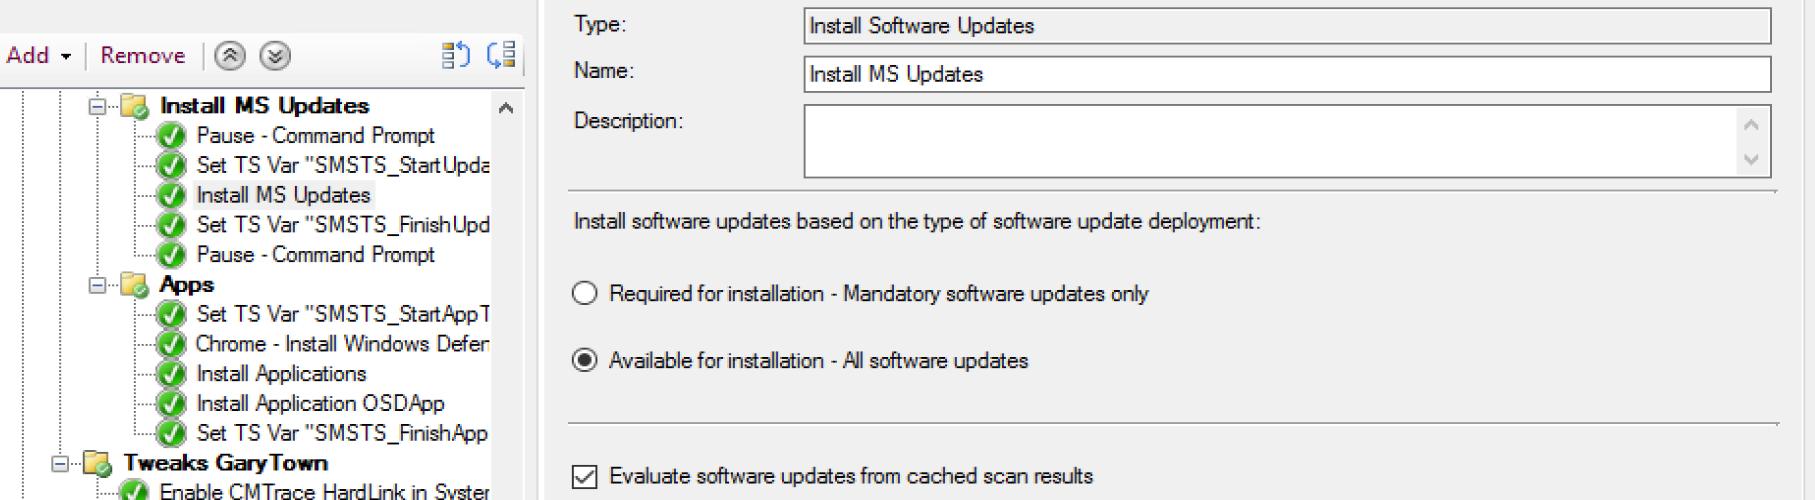 Install Software Update 8